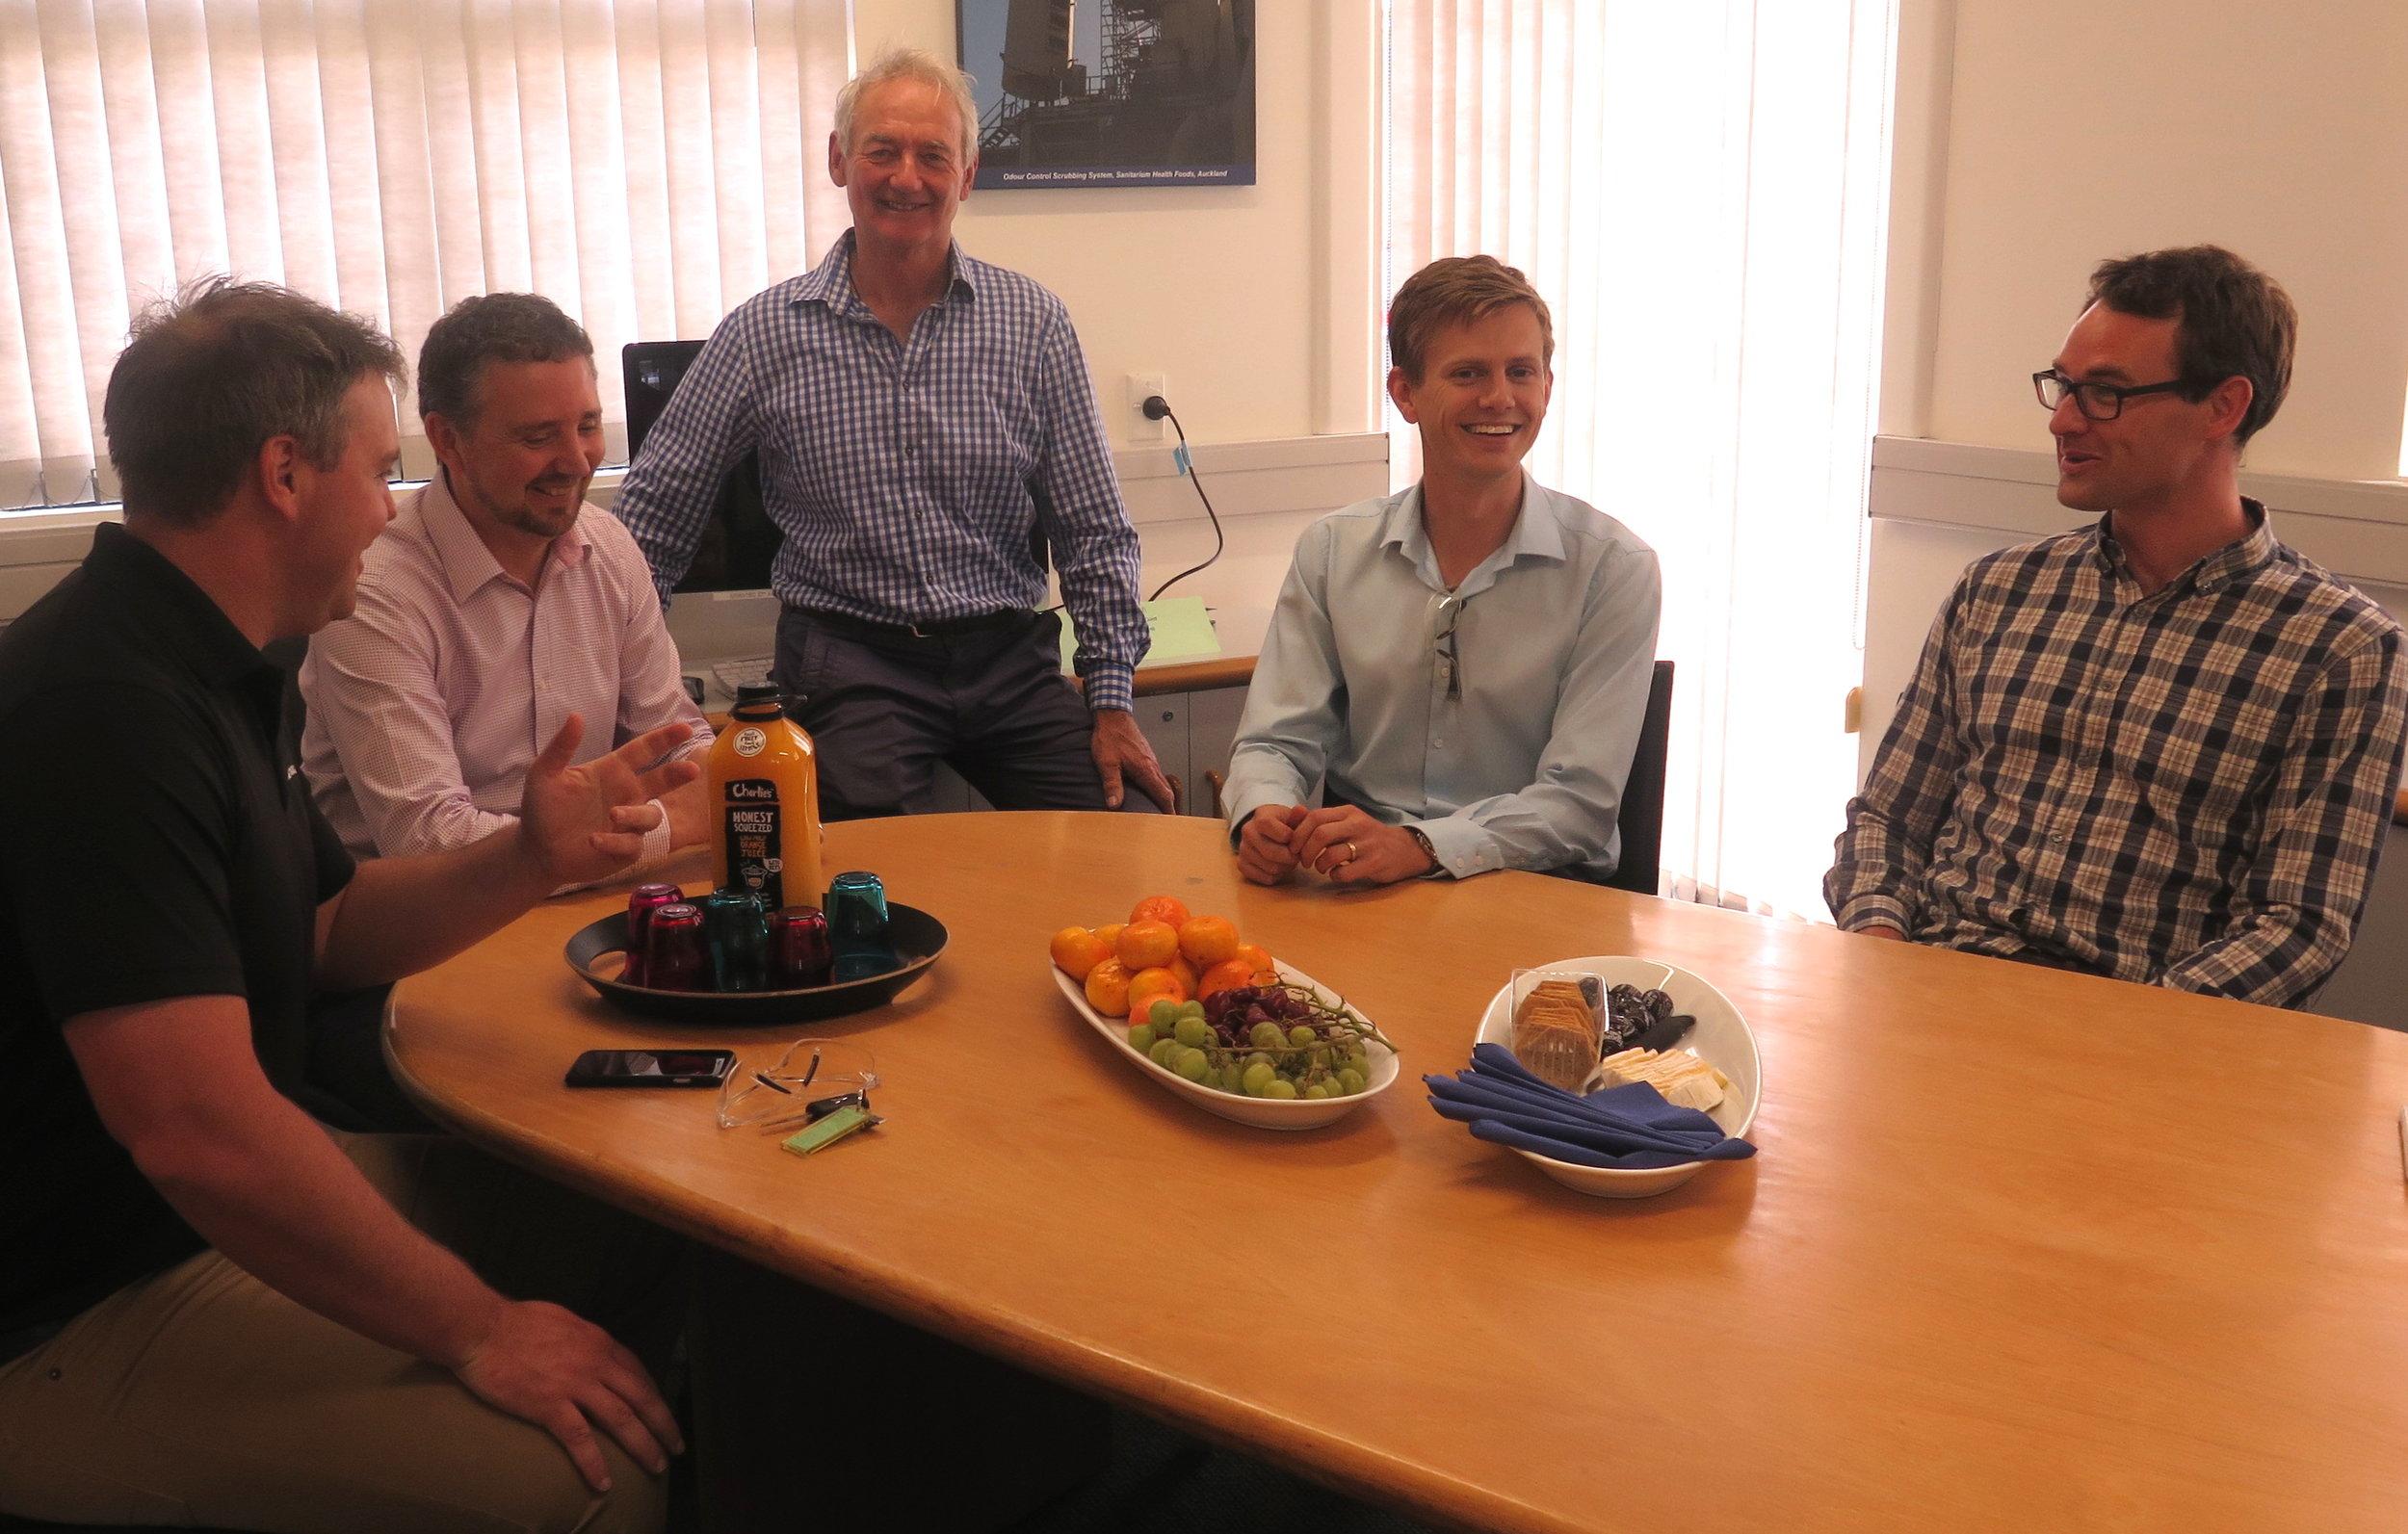 Darin, Richard and James from Akzo Nobel visit with Ken and Bryan at Armatec.